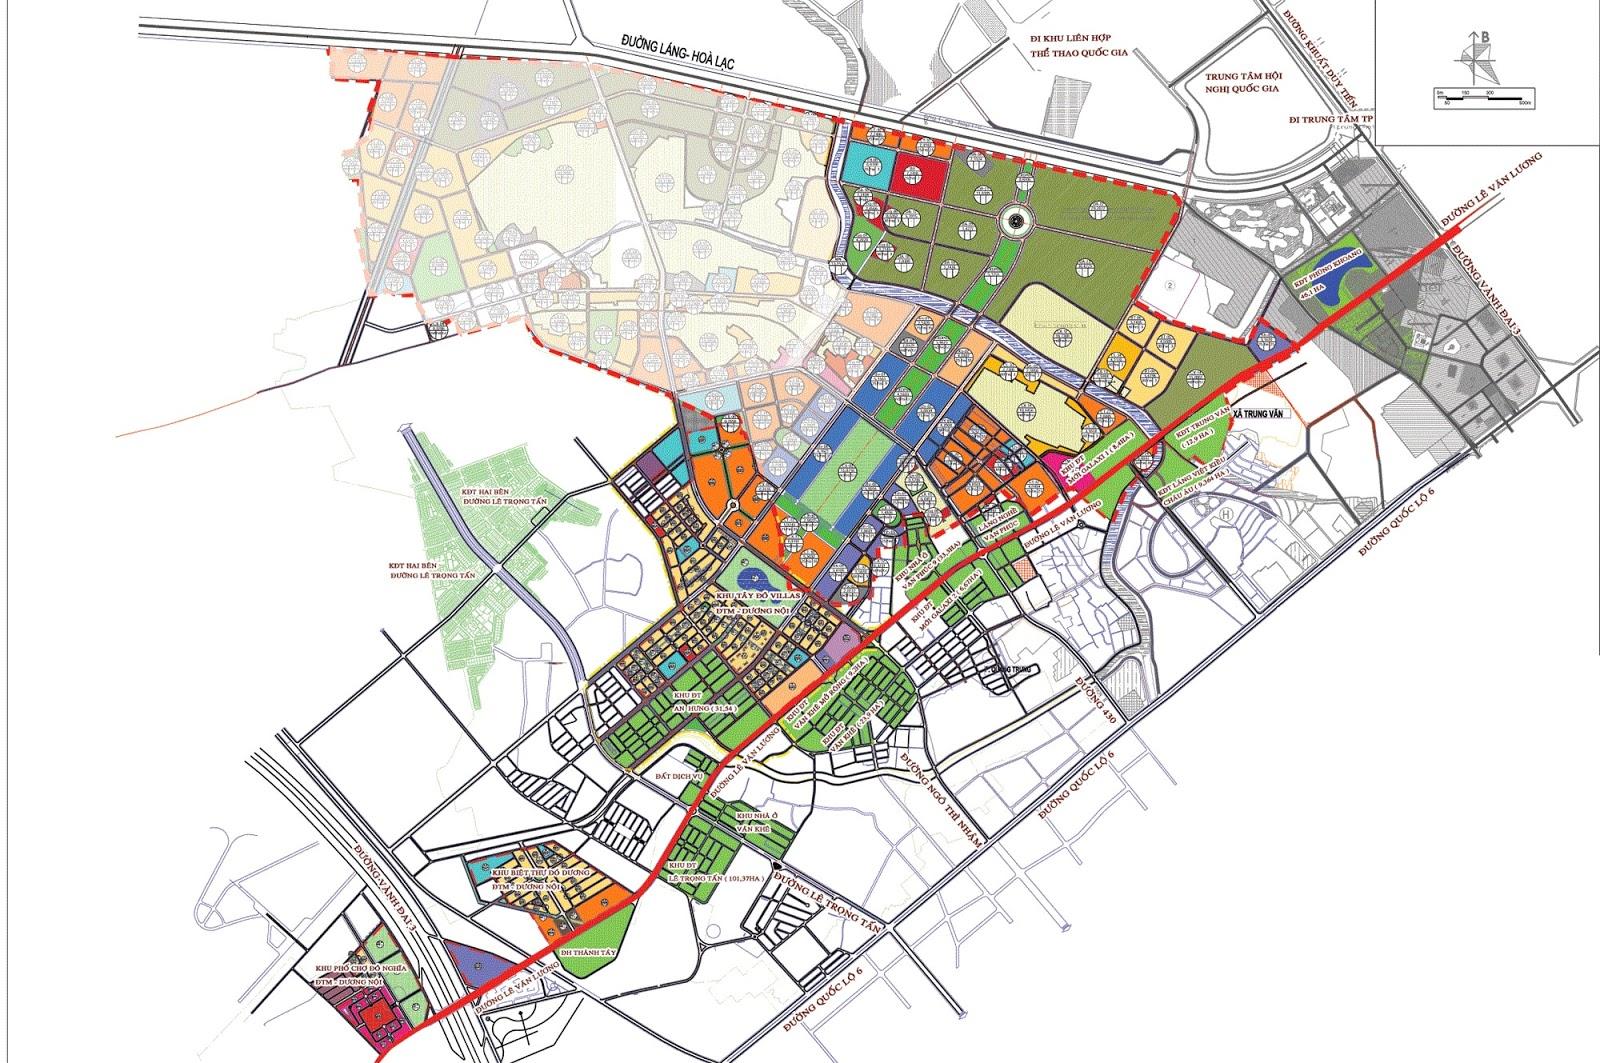 Vị trí hoàn hảo của dự án đô thị Dương Nội.